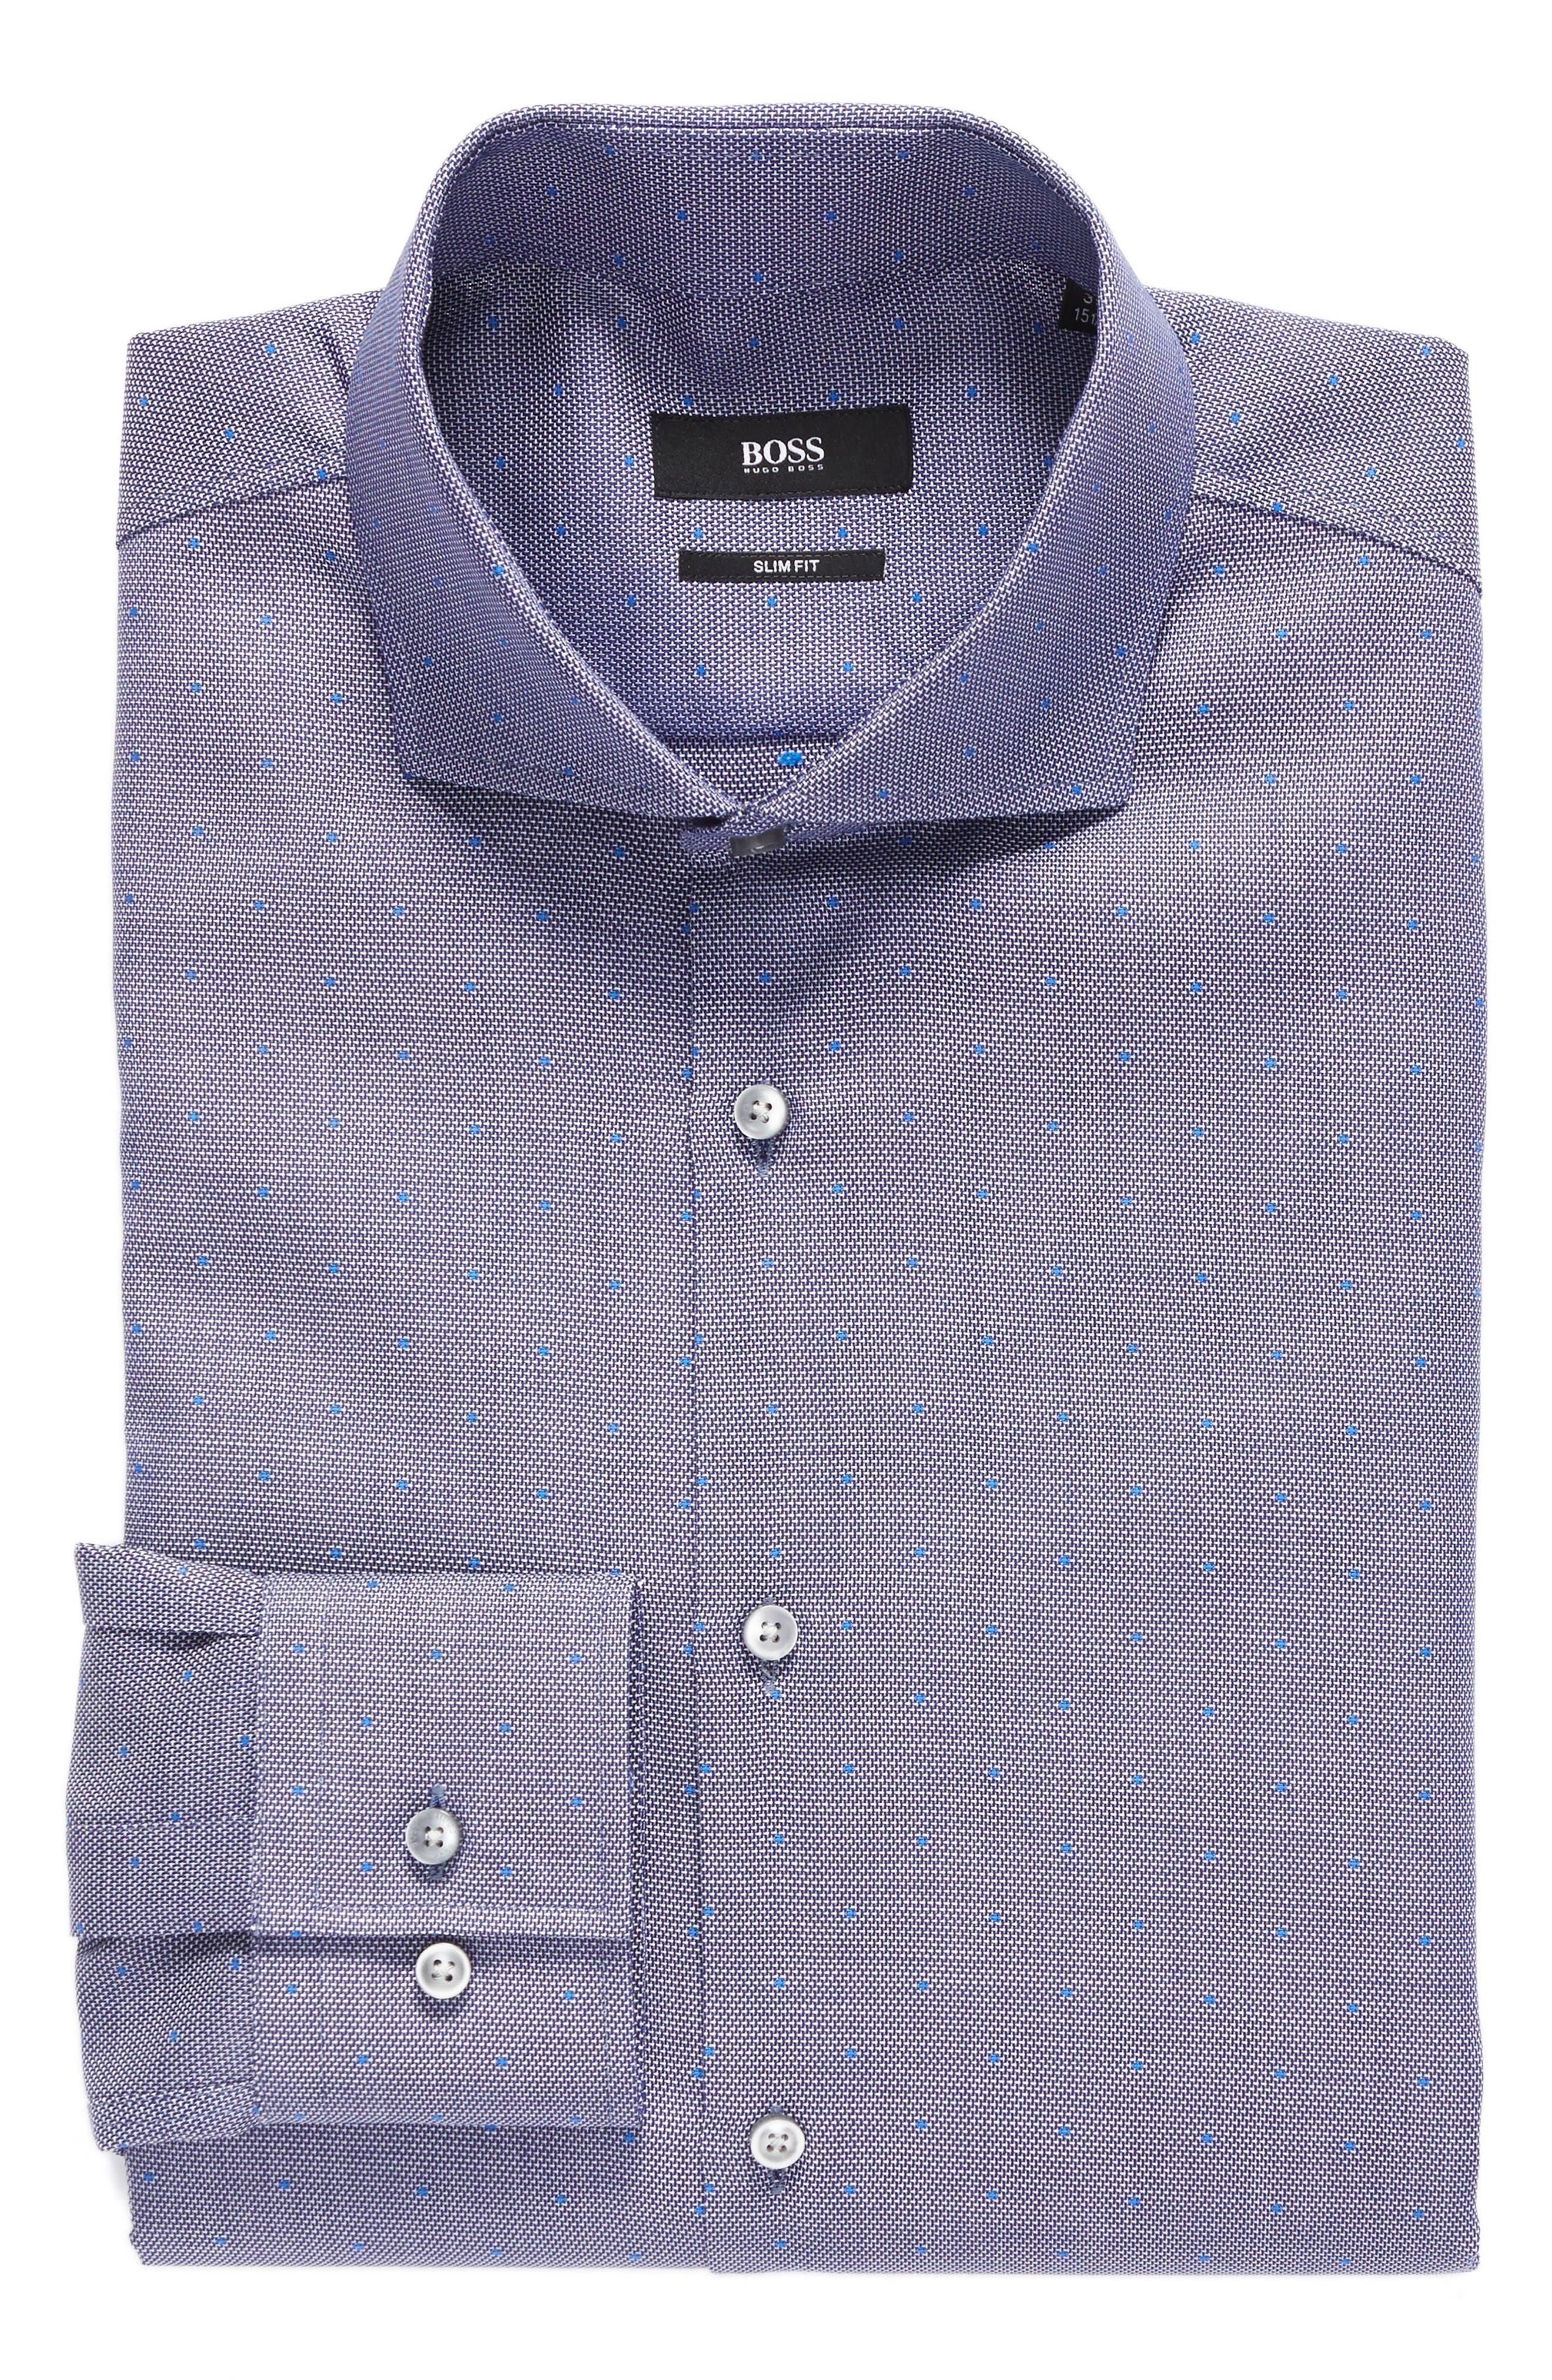 BOSS Slim Fit Microdot Dress Shirt